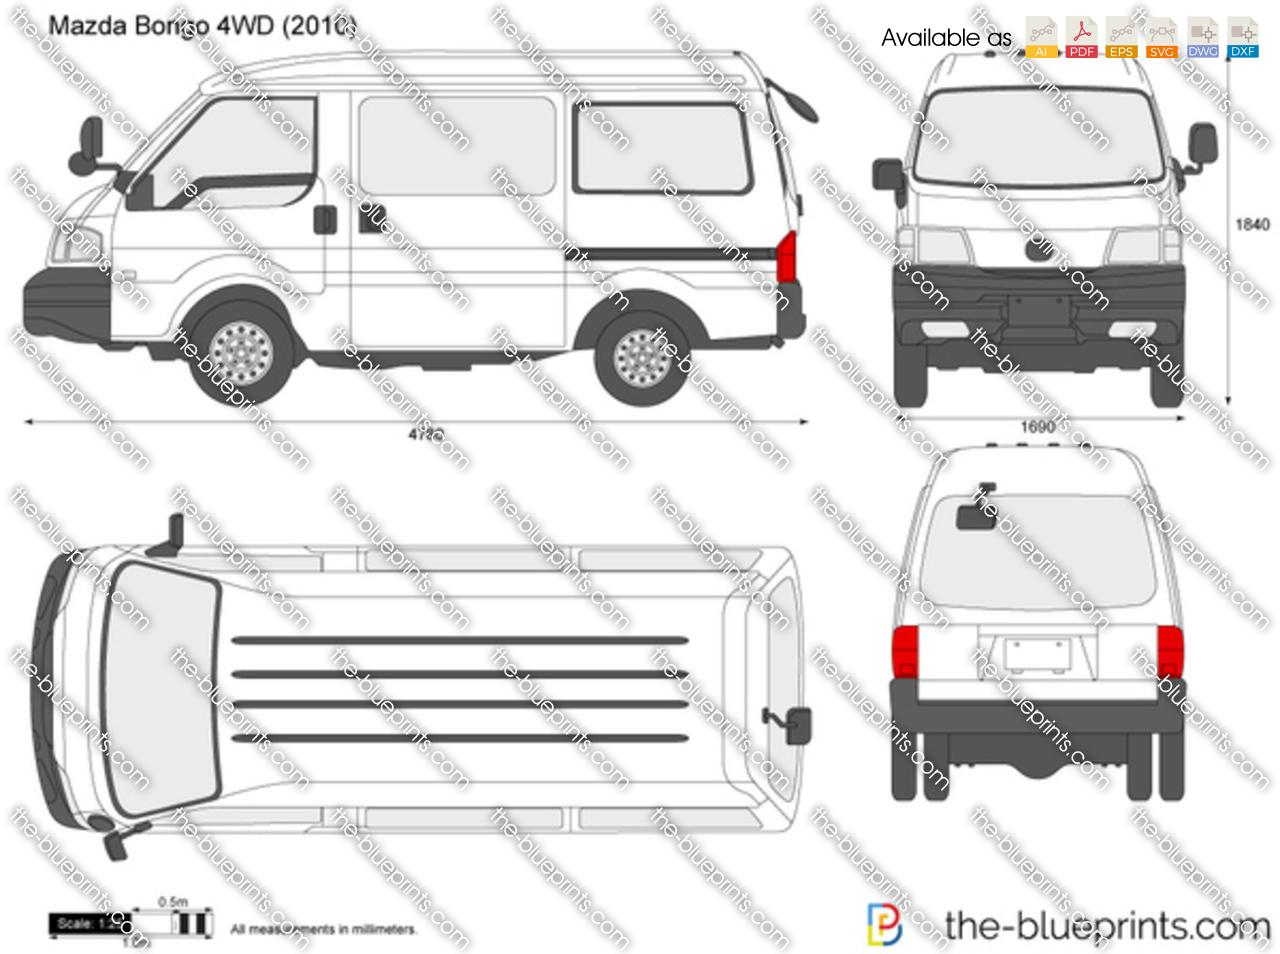 Mazda Bongo 4WD 1999